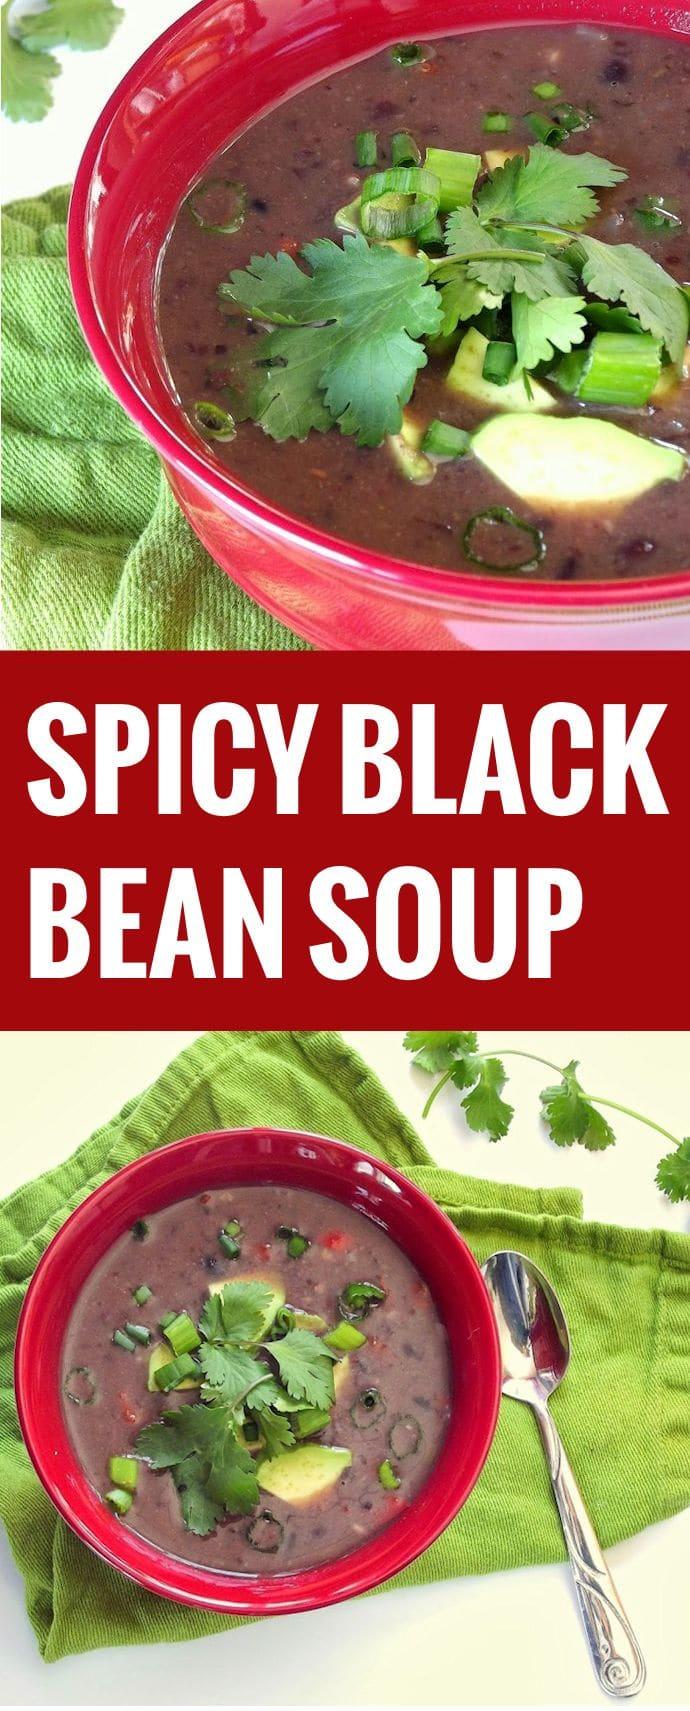 ... soups 7 6 3 45 http www connoisseurusveg com spicy black bean soup